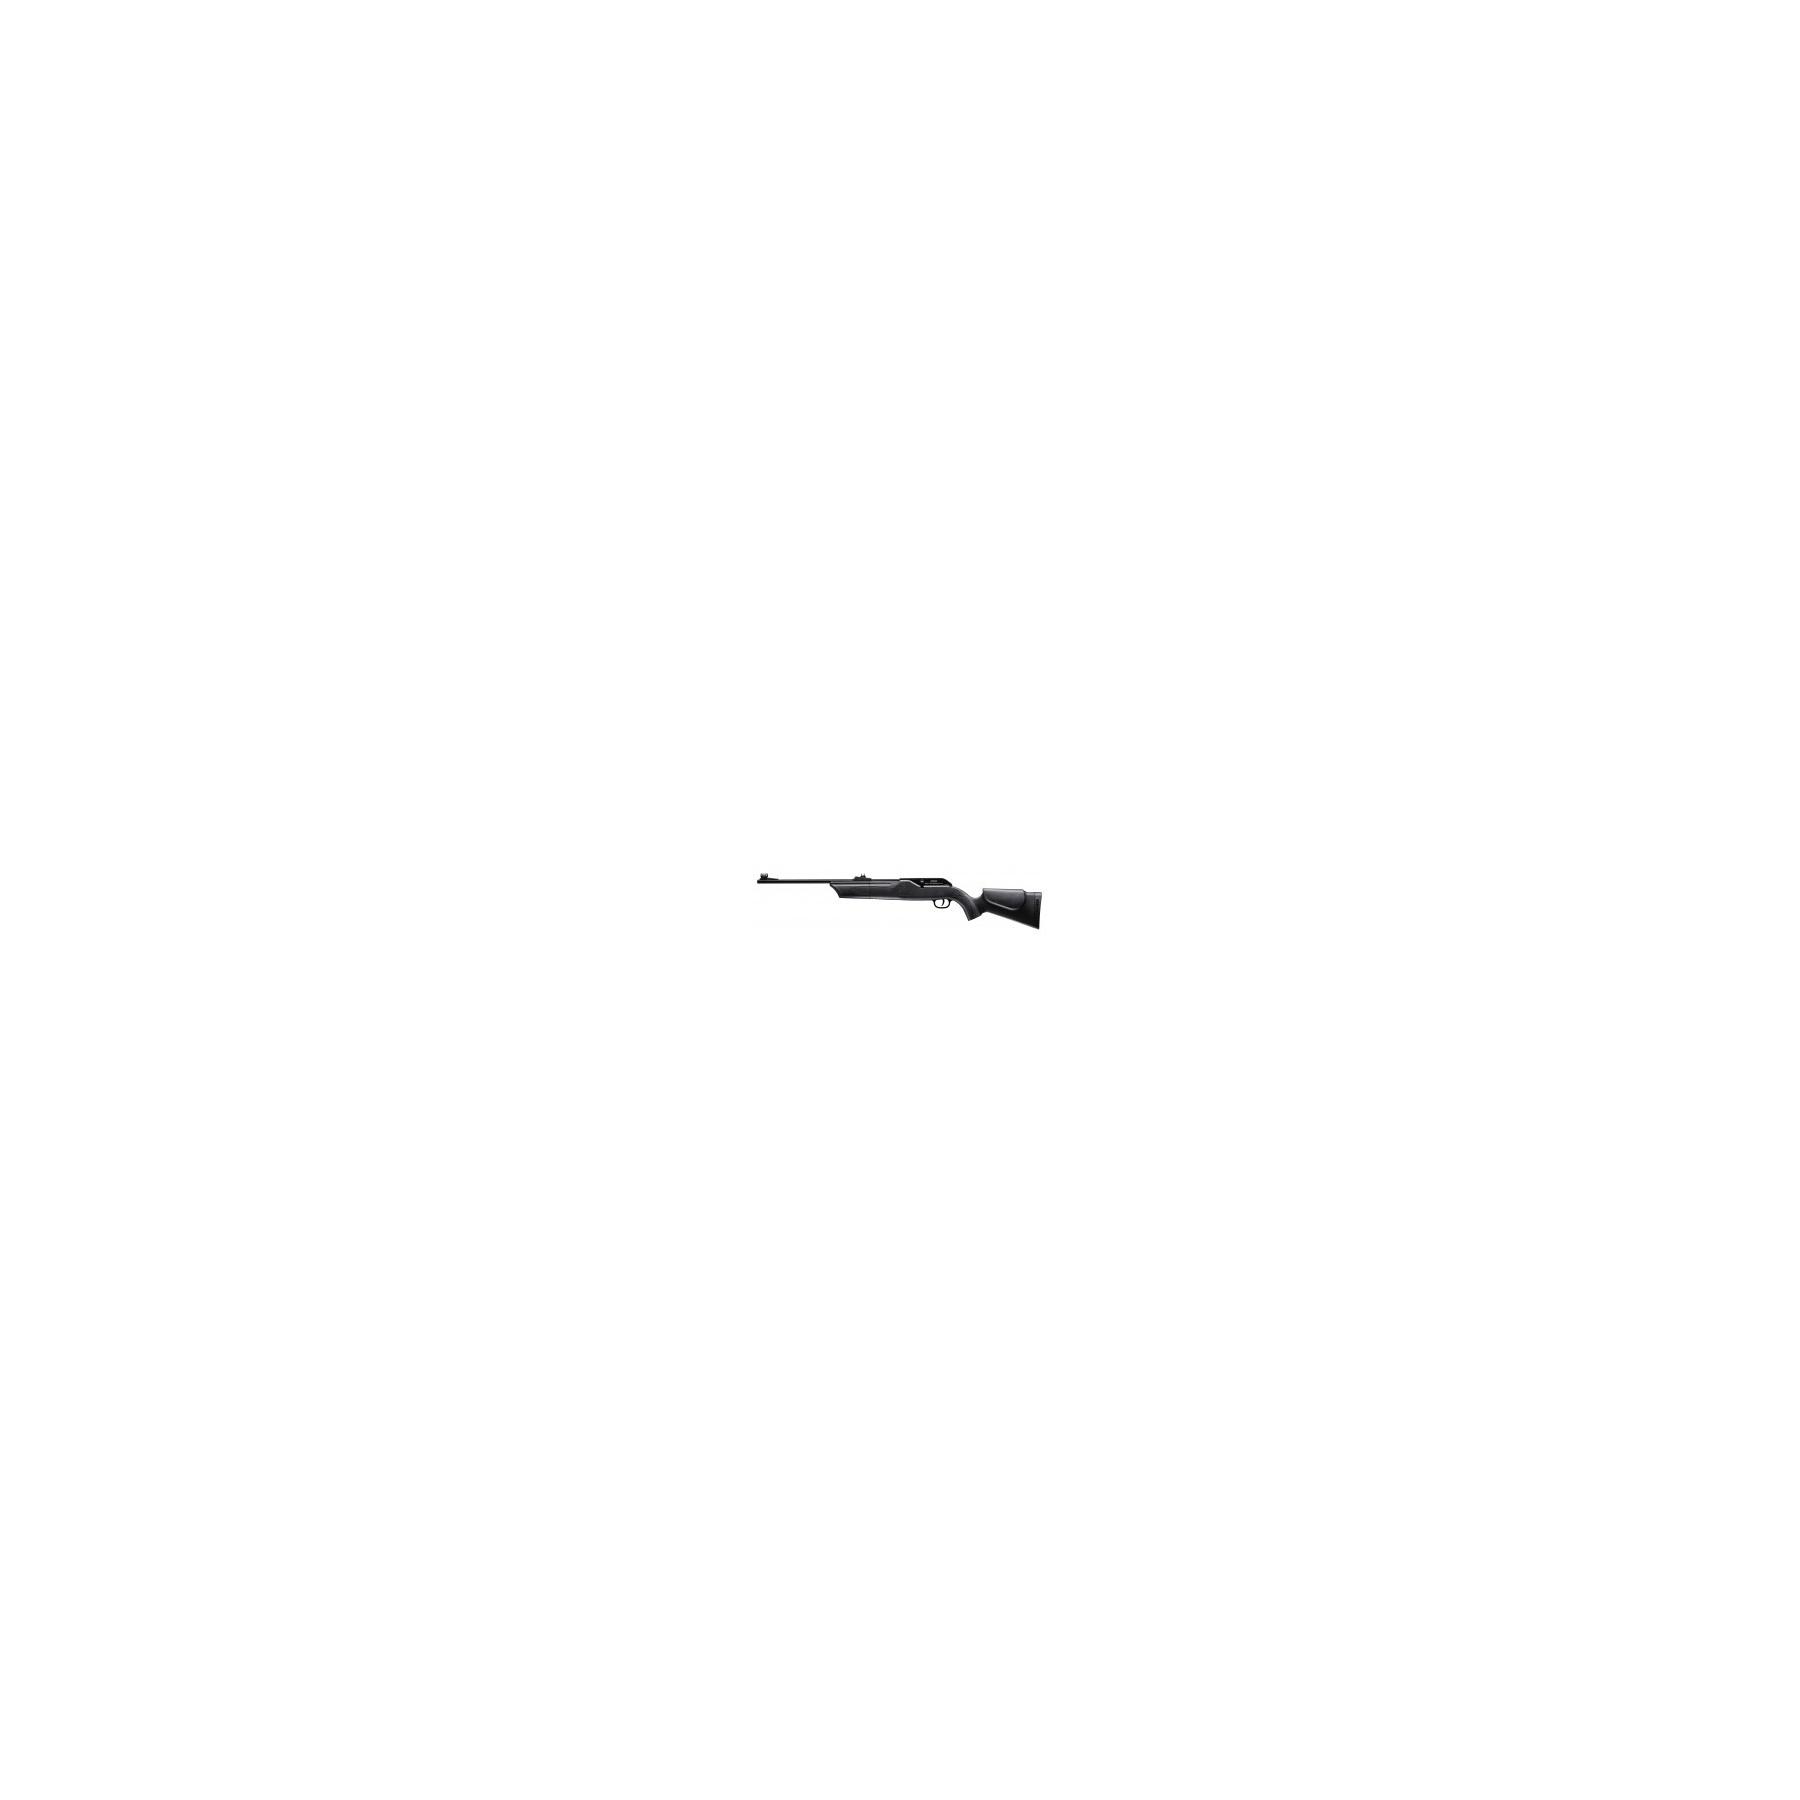 UMAREX 850 AIRMAGNUM 4.50MM 16 JOULES MAX